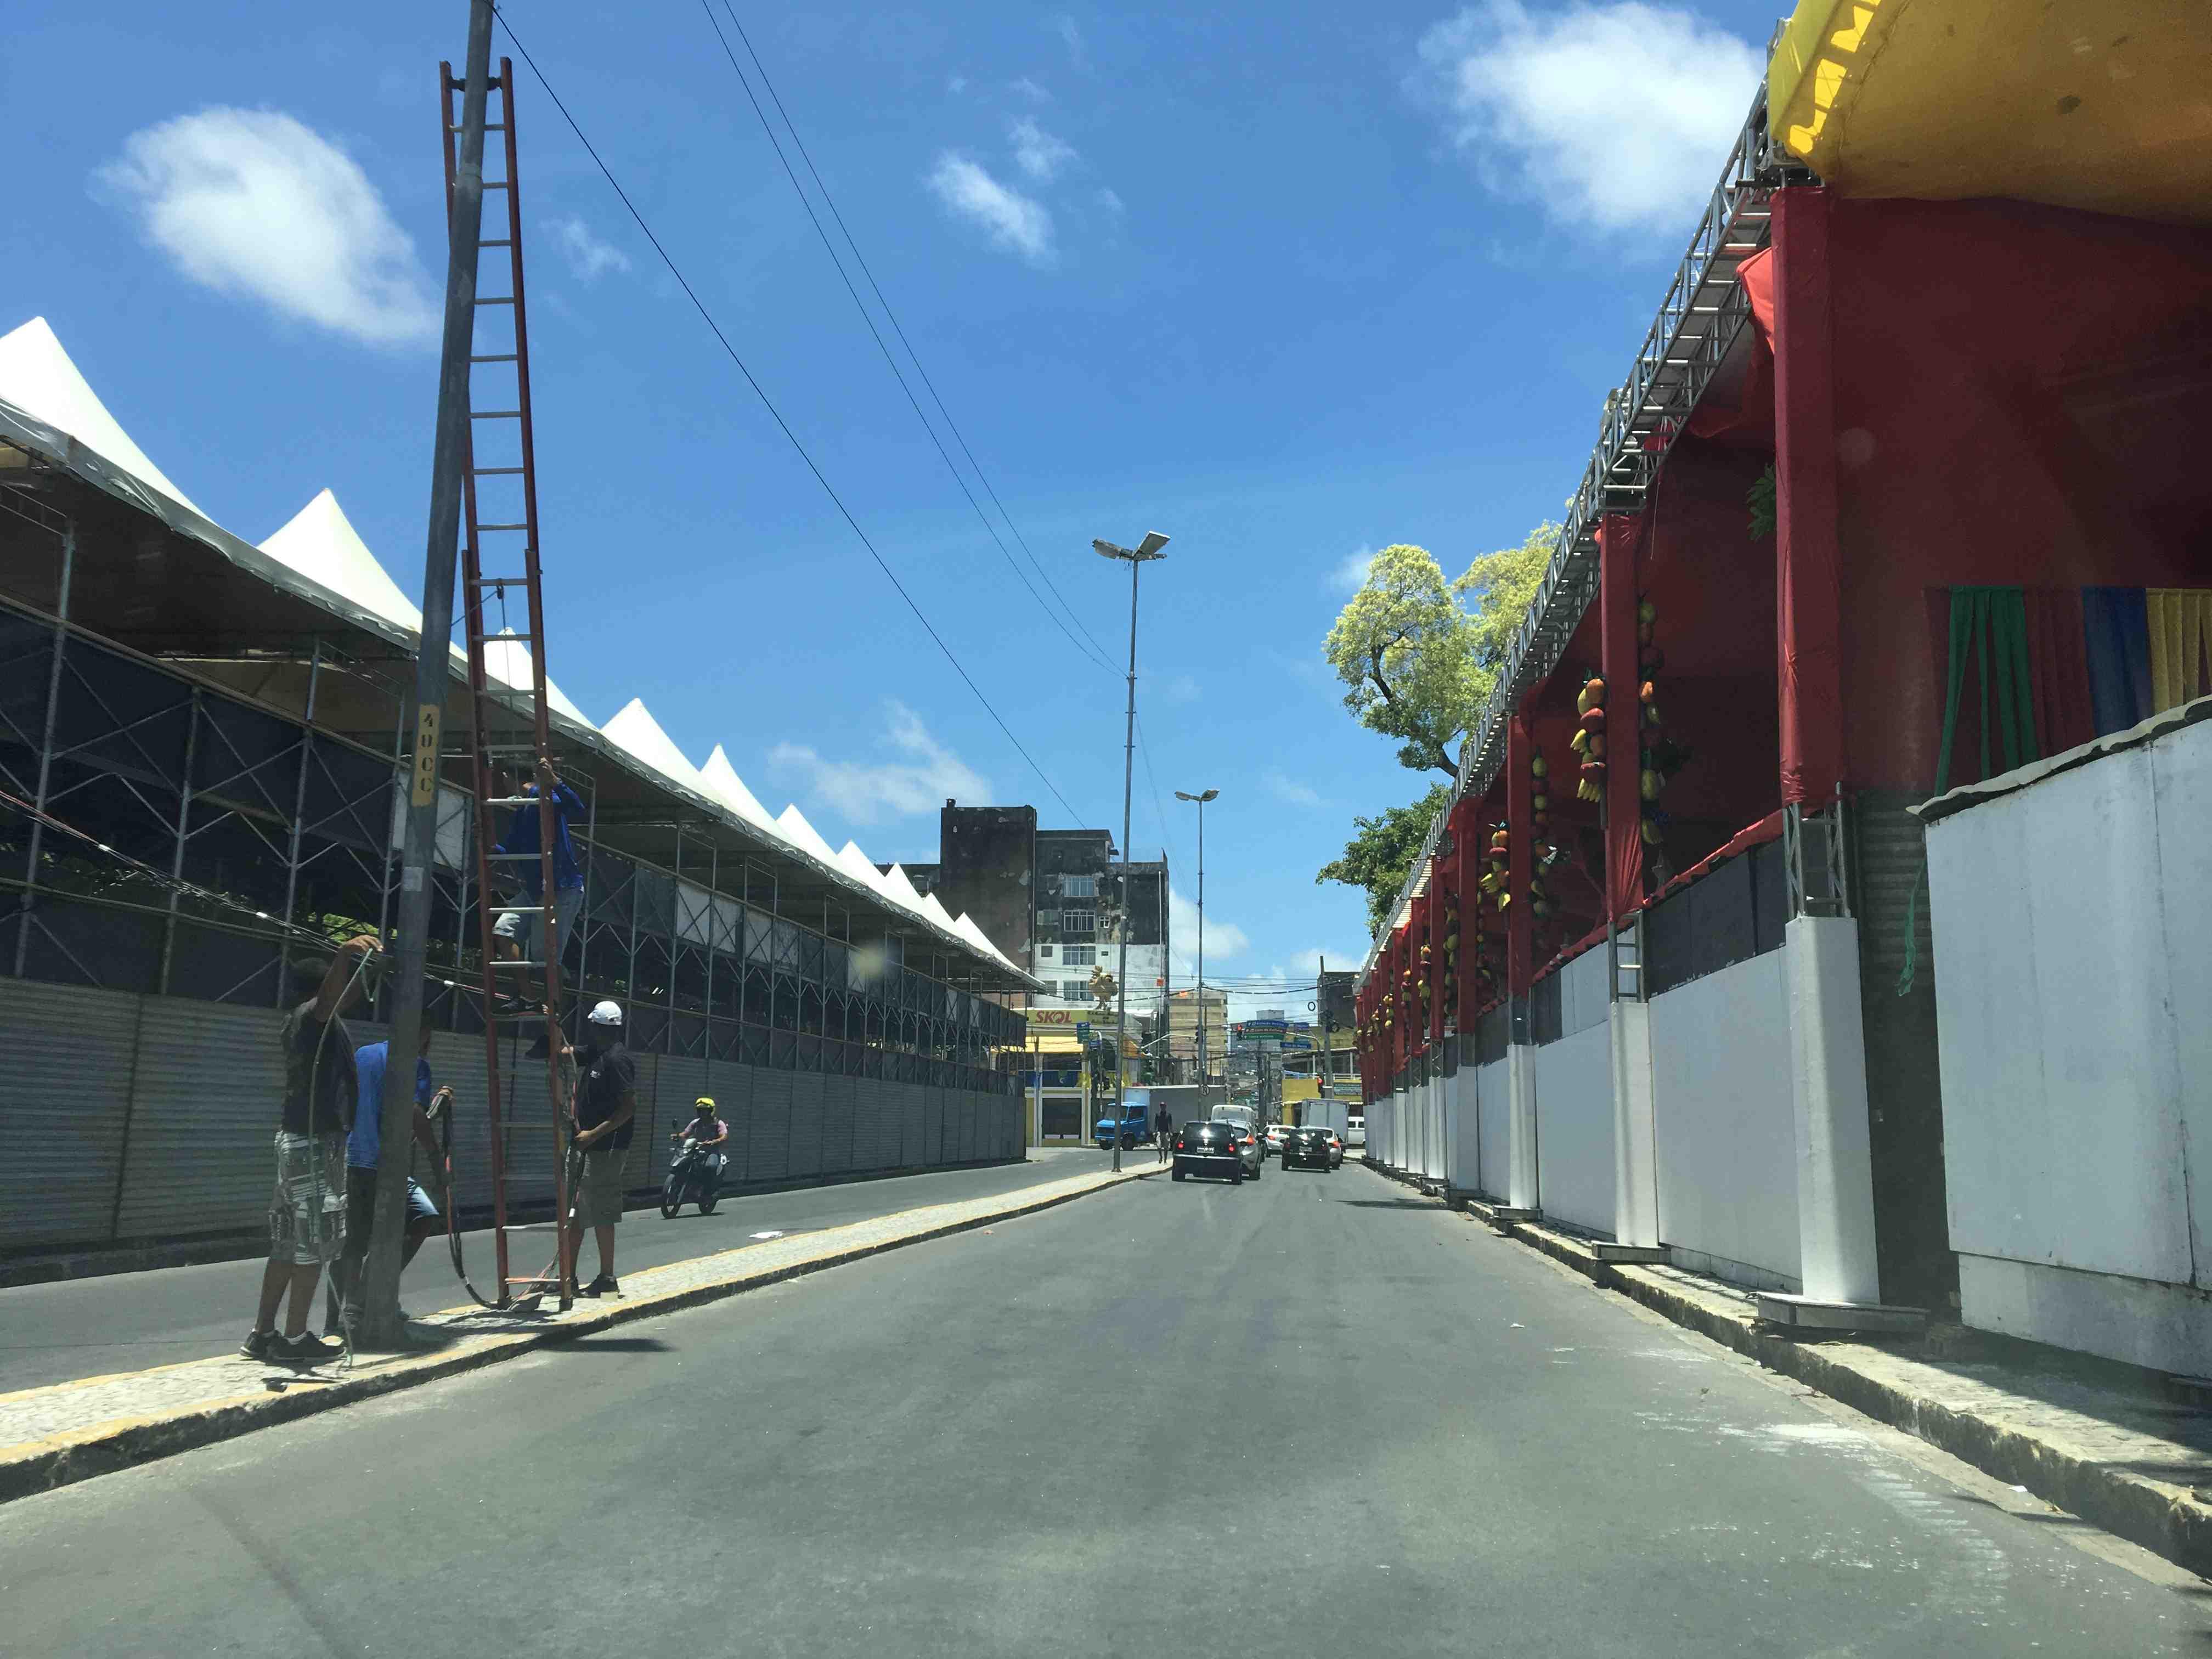 Camarotes do Galo da Madrugada, na Praça Sérgio Loreto